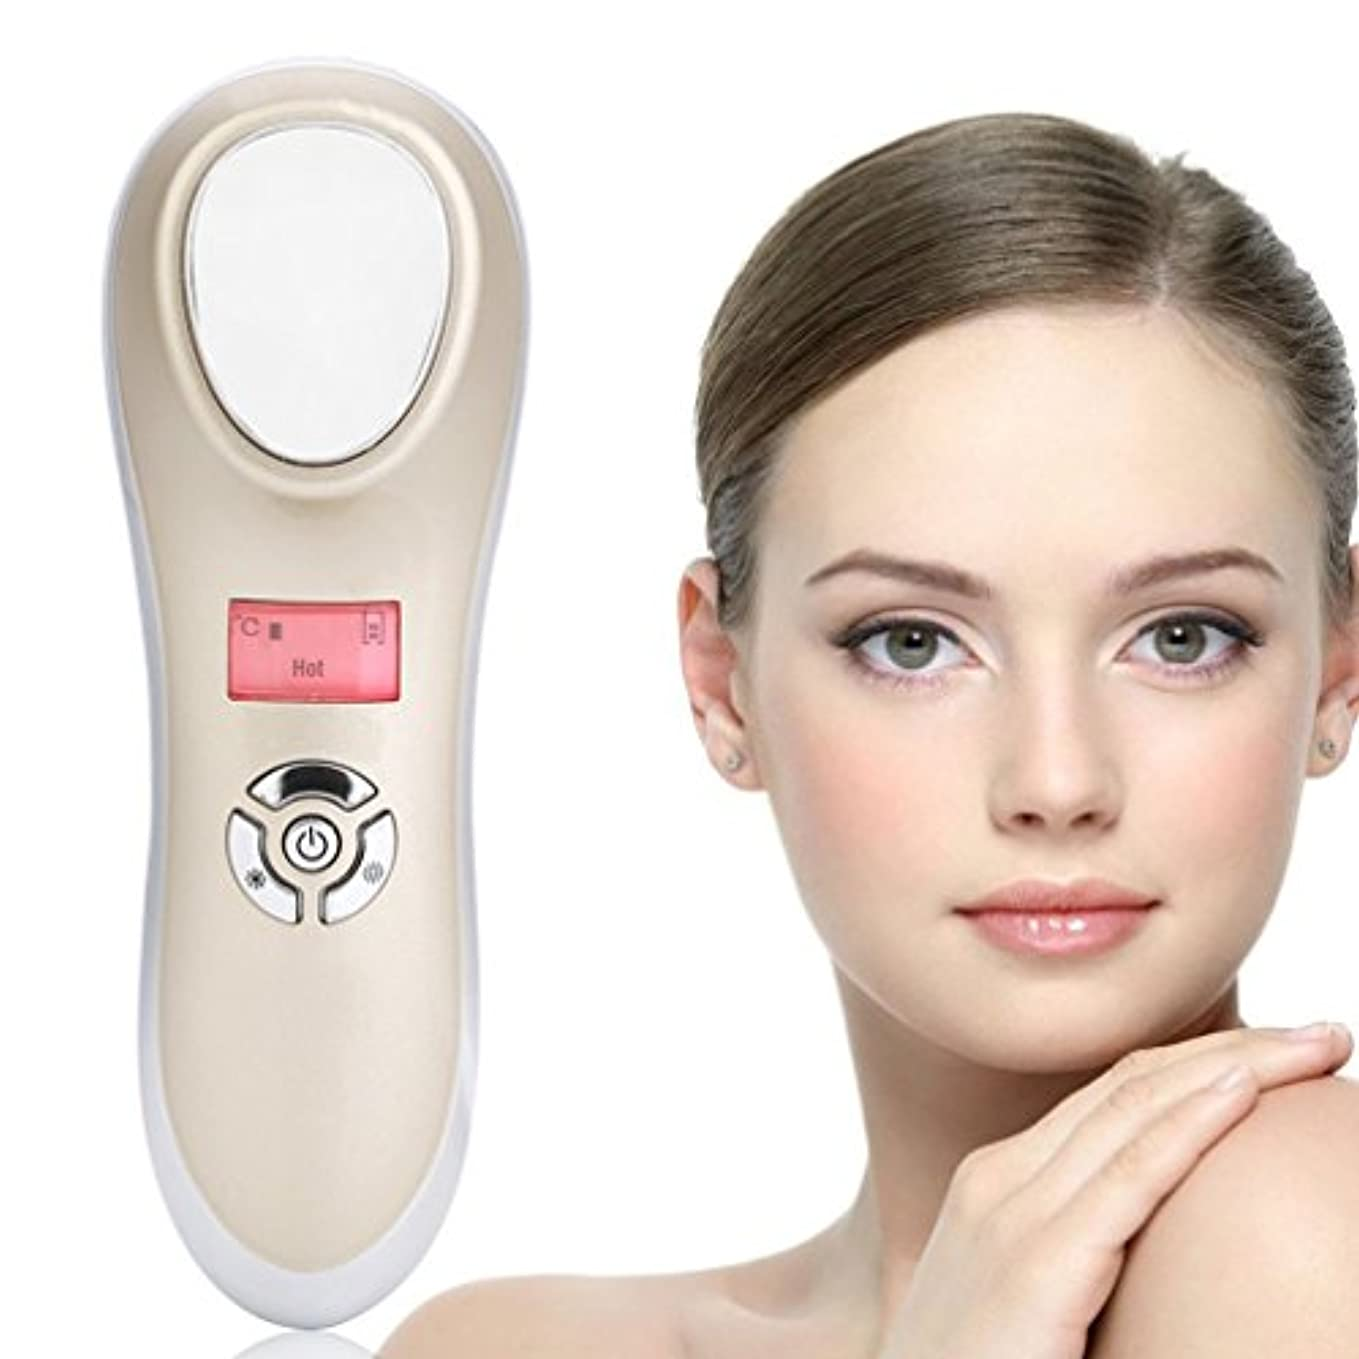 美の器械、携帯用手持ち型の音波再充電可能なイオン顔のマッサージャーの熱くそして冷たい機械スキンケア装置